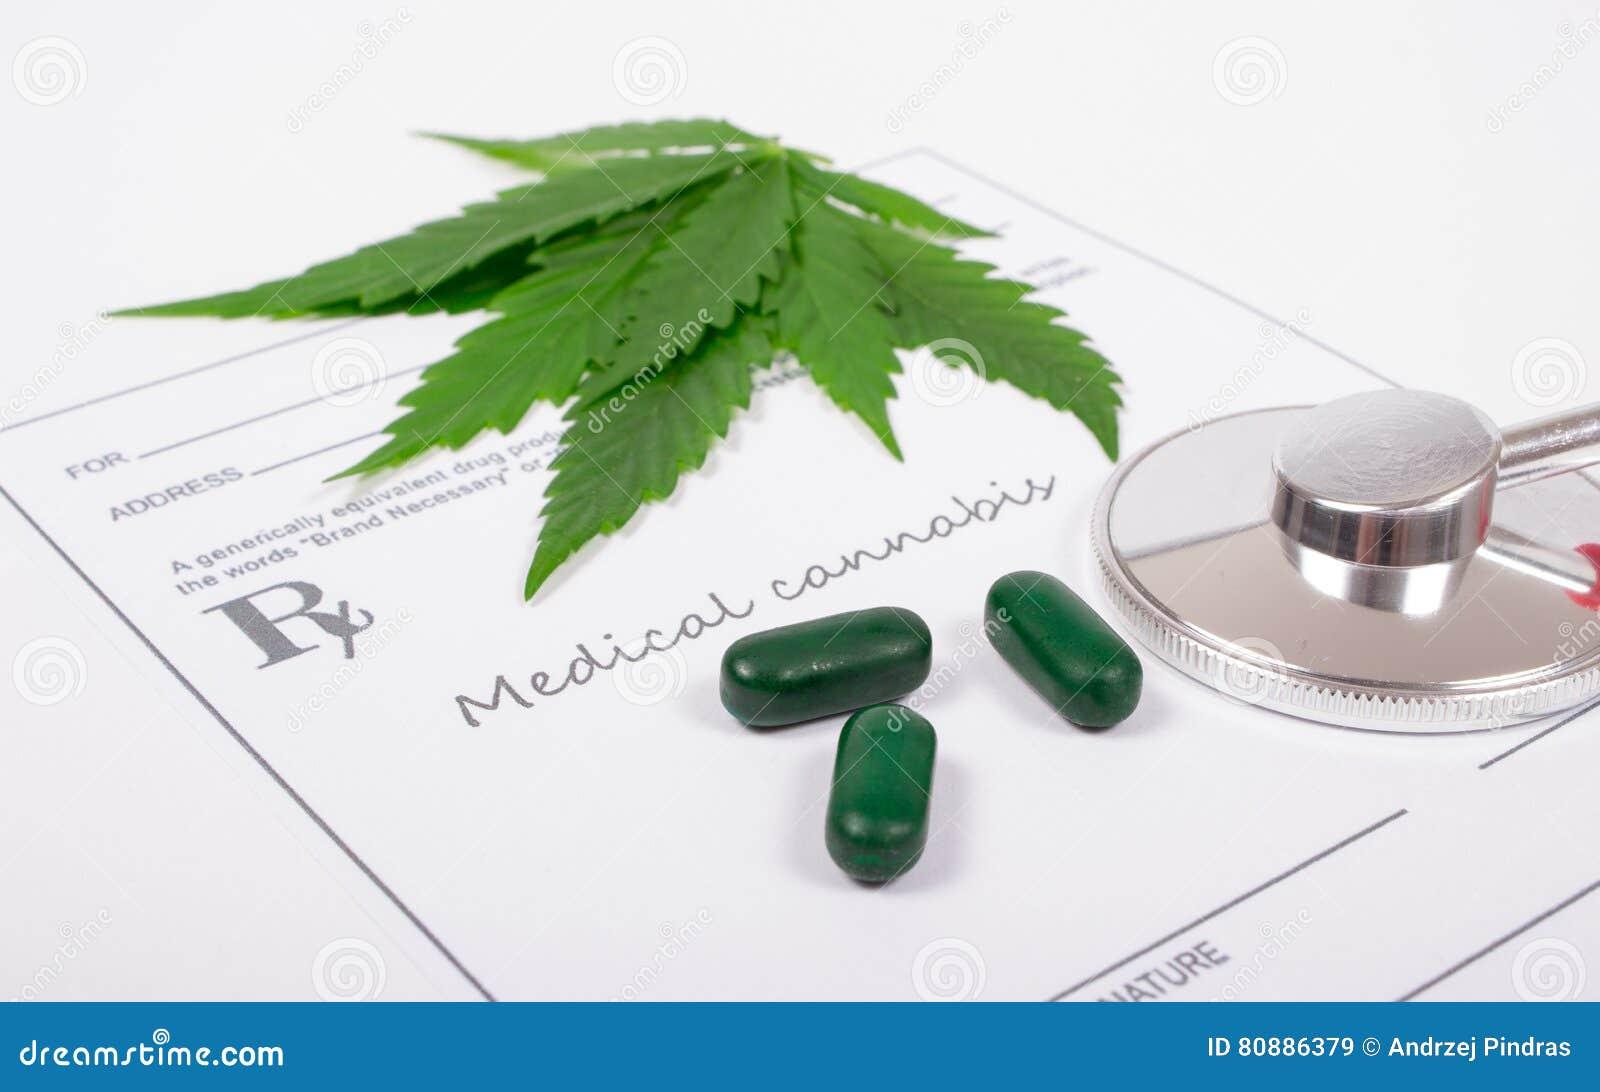 Een voorschrift voor medische marihuana